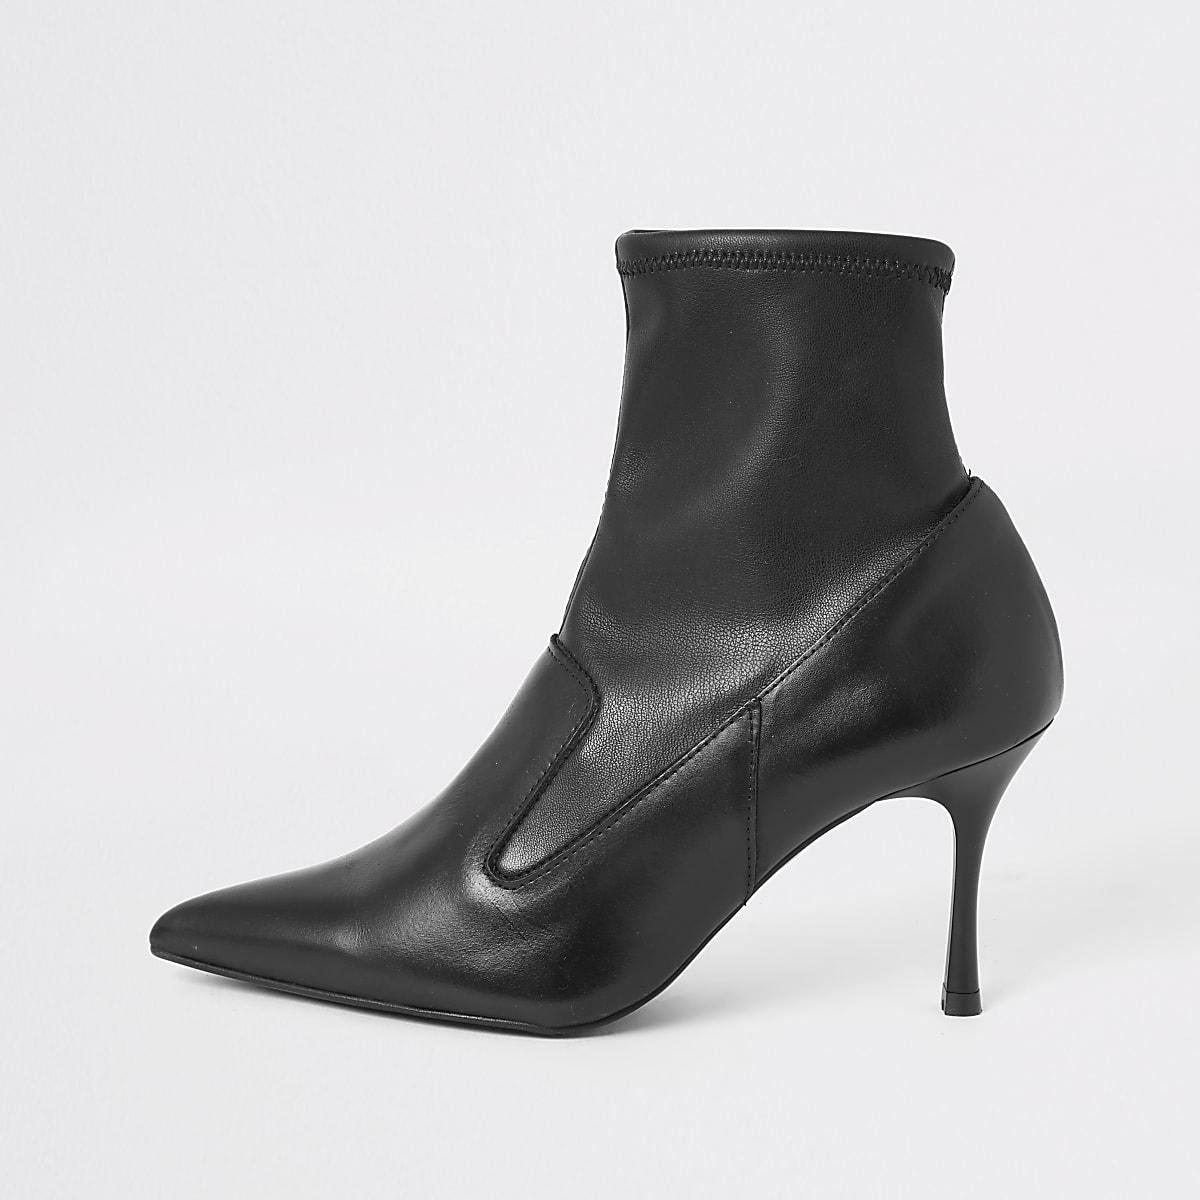 Zwarte leren laarzen met elastische schacht